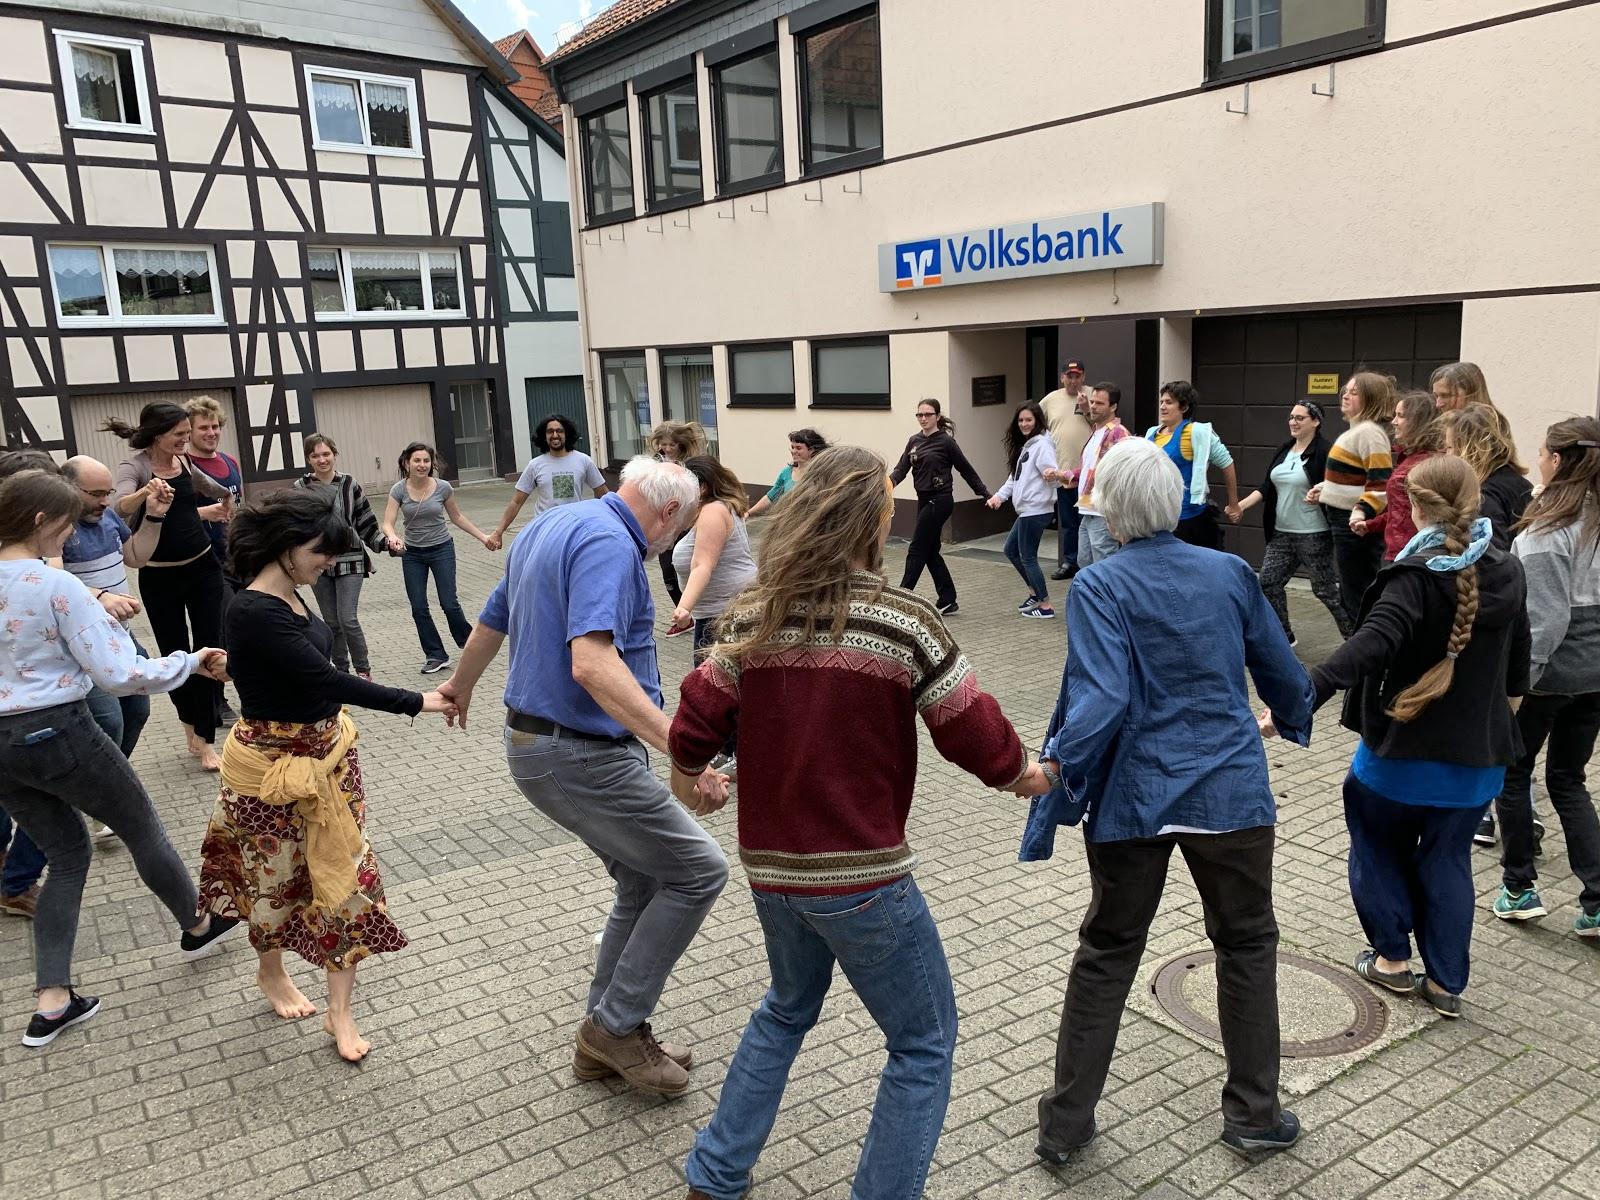 Tanzen in der Innenstadt.